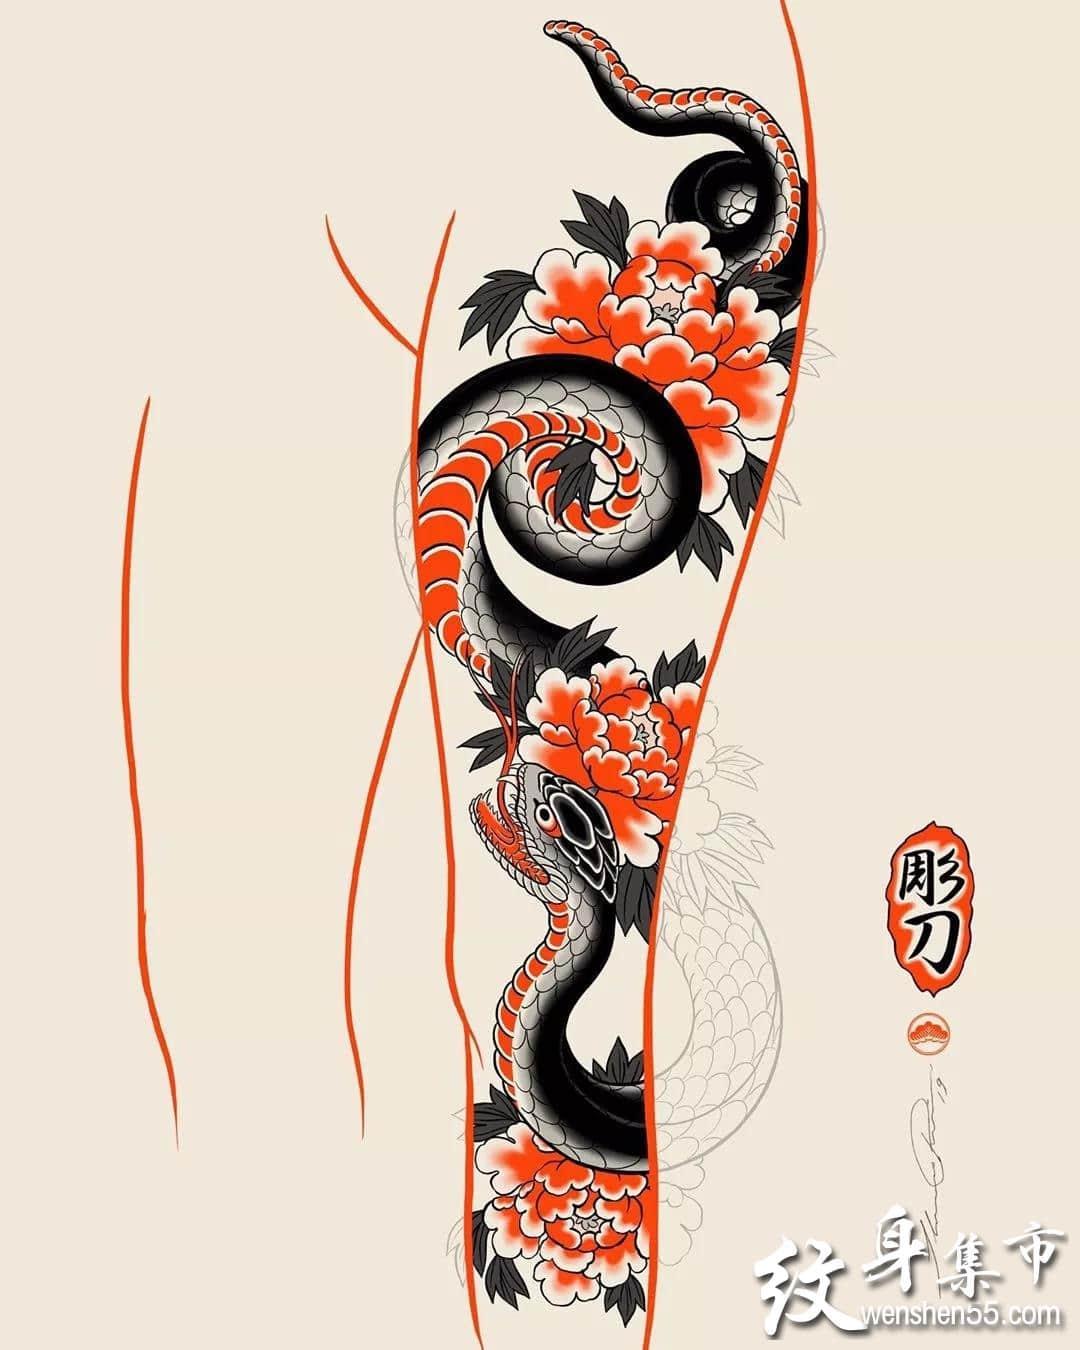 彫刀传统风纹身,彫刀传统风纹身手稿,彫刀传统风纹身手稿图案